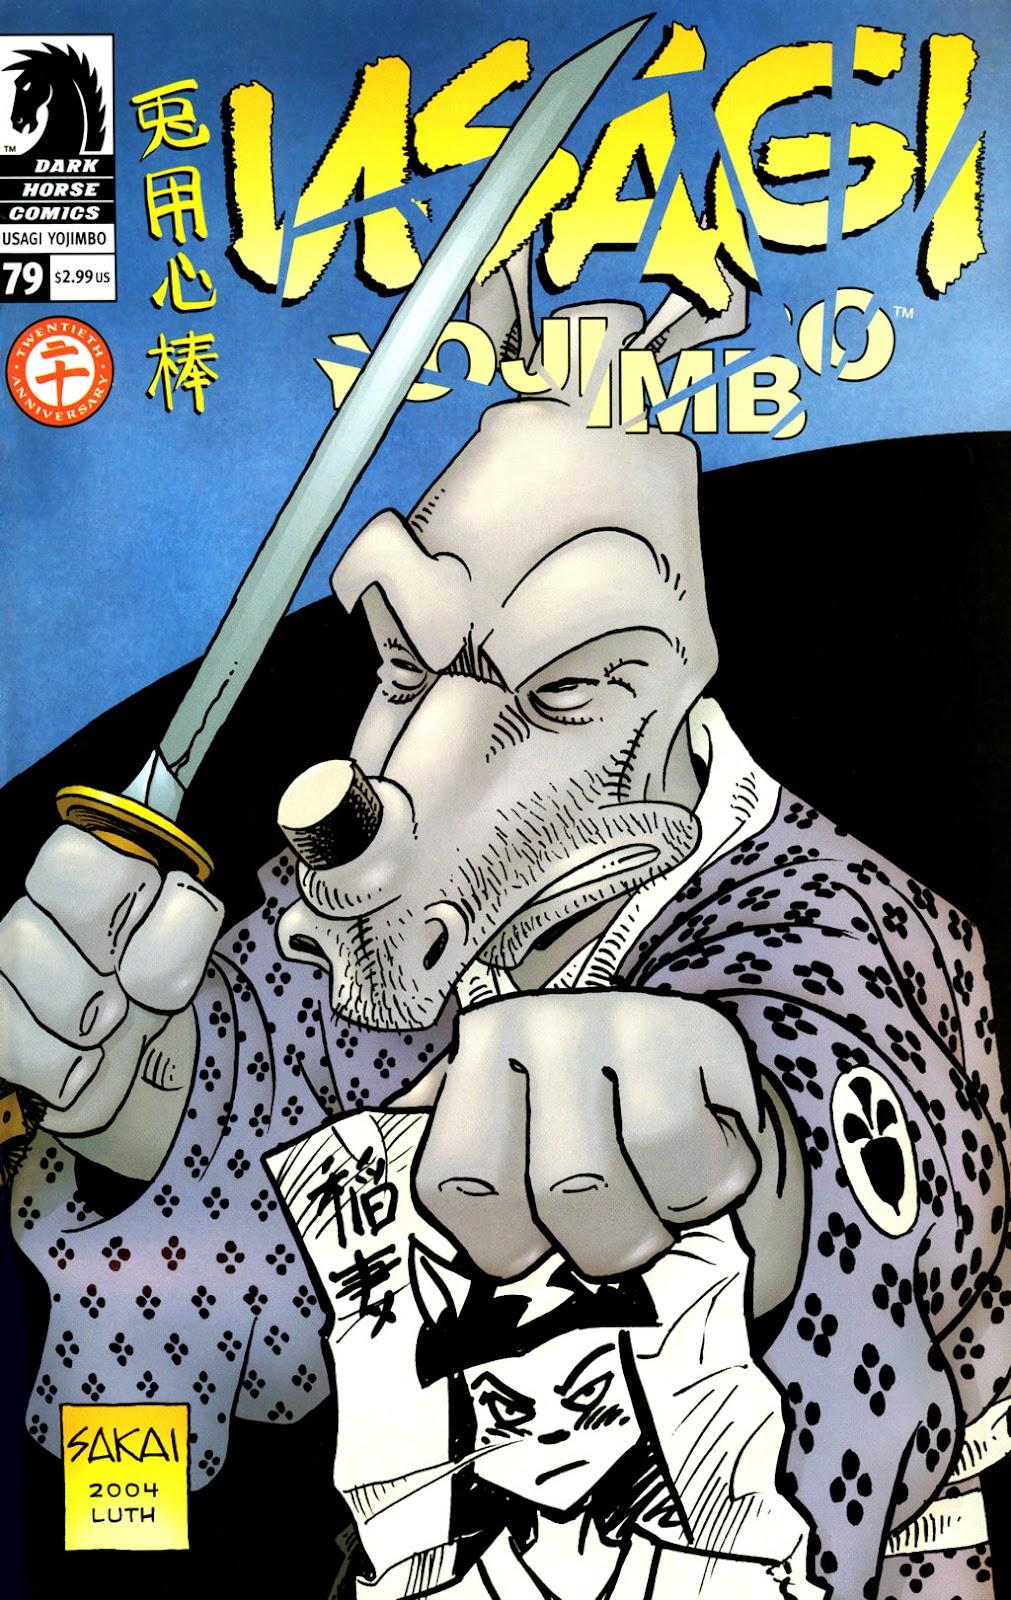 Usagi Yojimbo (1996) Issue #79 #79 - English 1